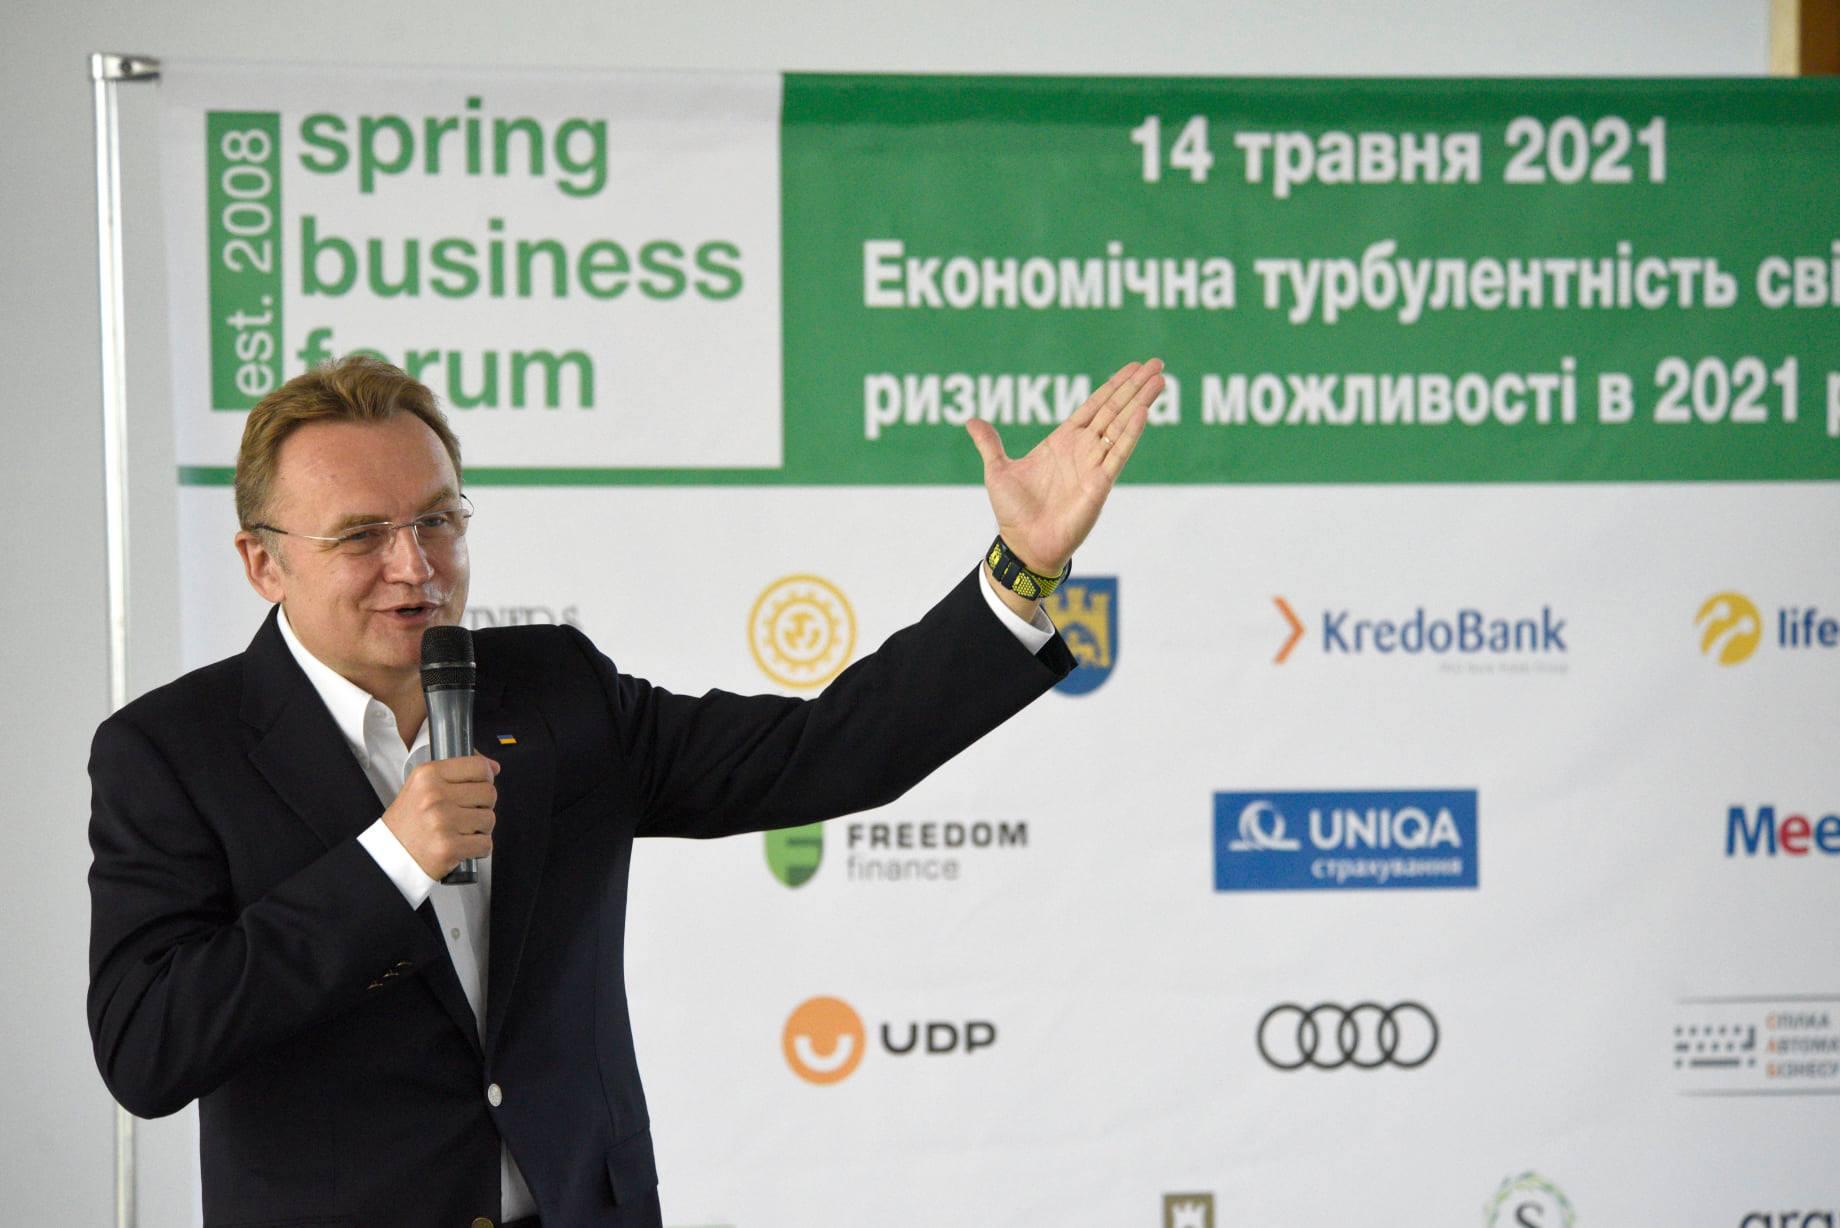 Дмитрий Ткаченко: «МТБ БАНК - это всегда гибкий подход к потребностям  клиентов и современные digital-решения»  - фото 2 - mtb.ua